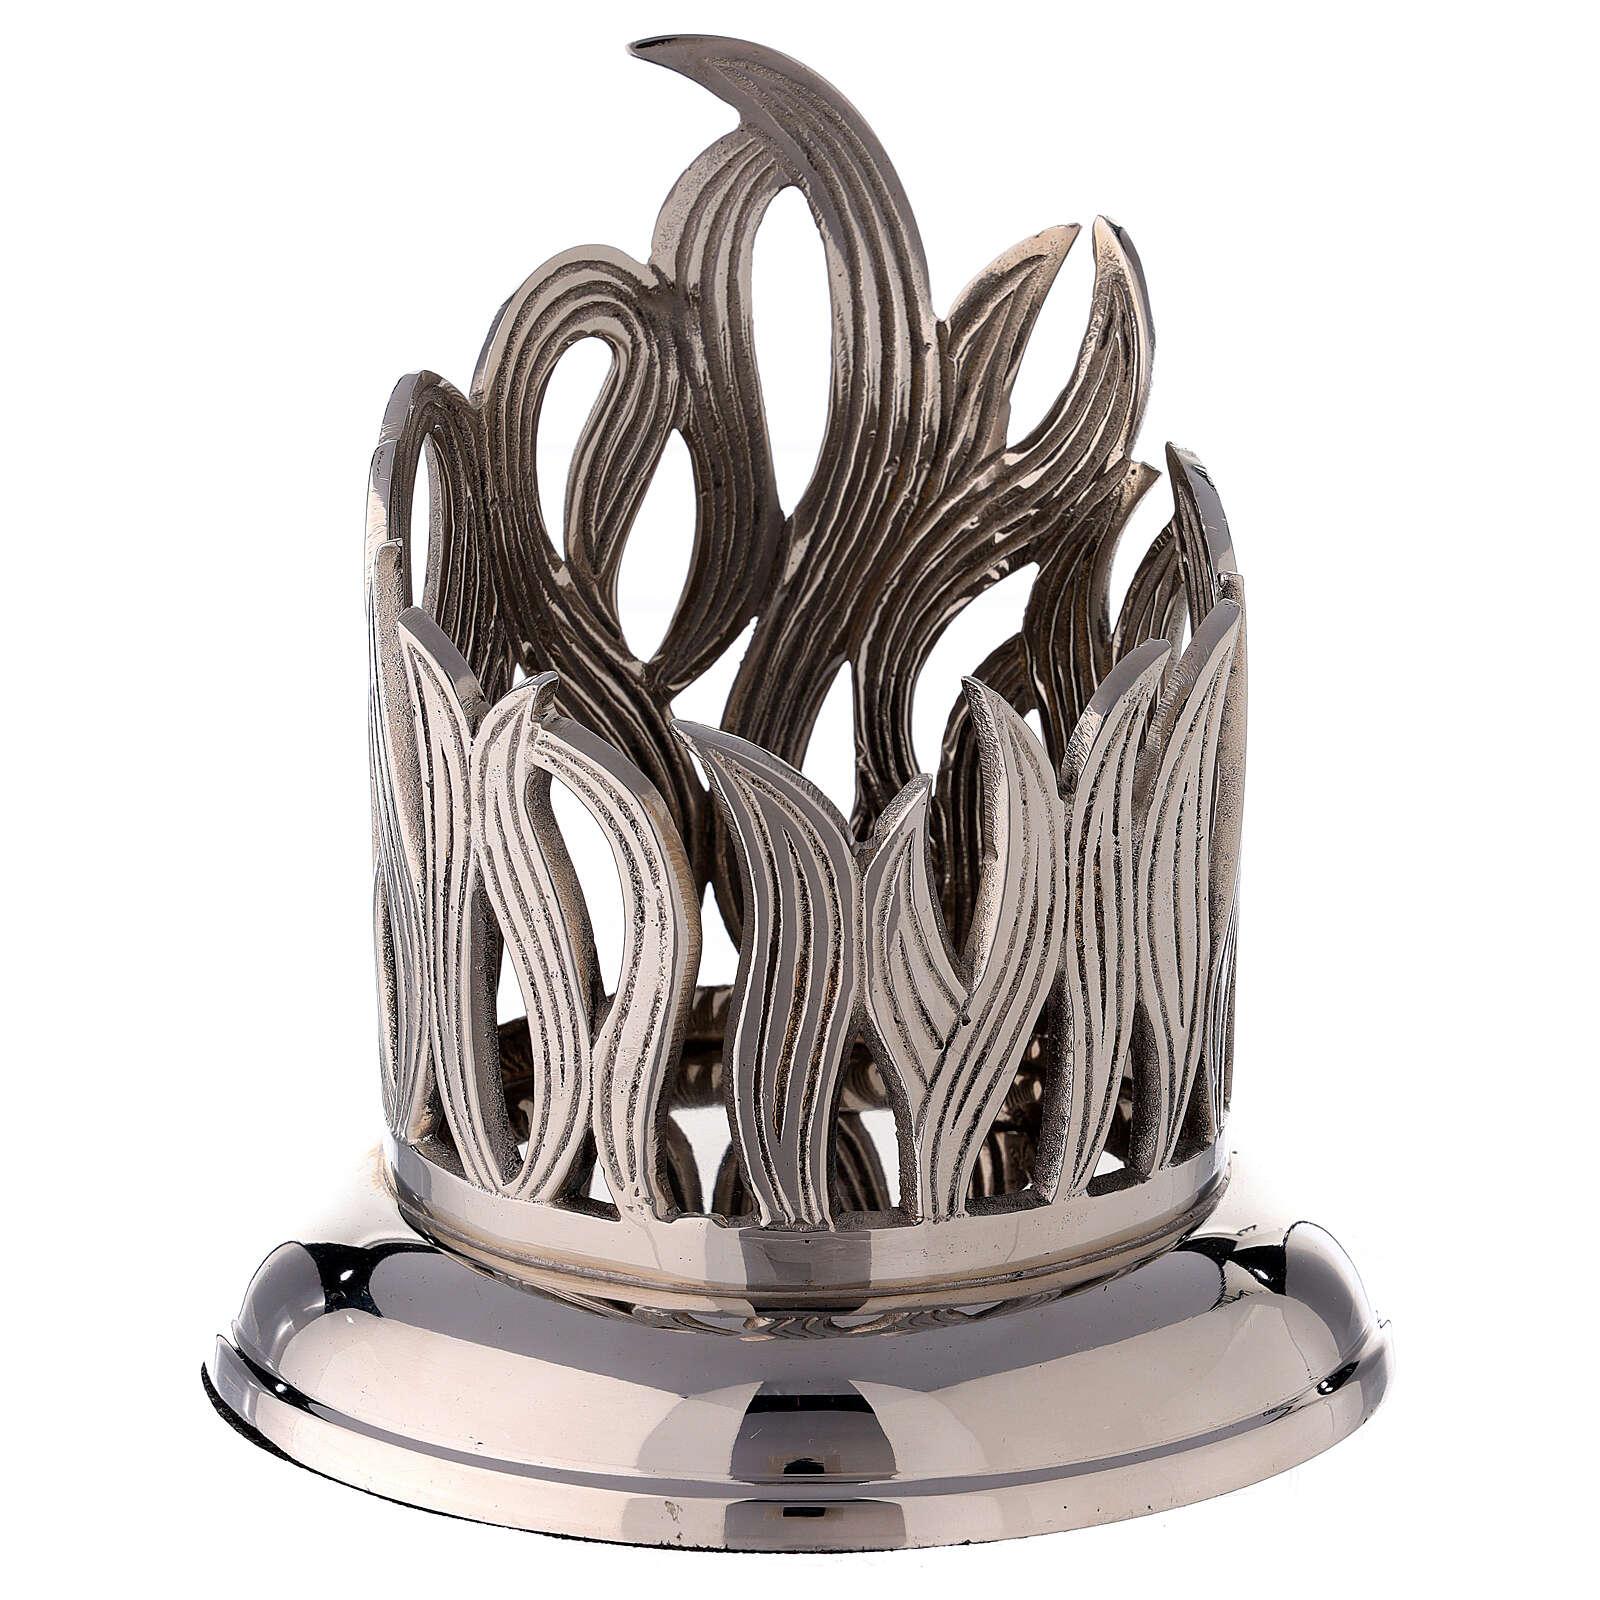 Portacandela fiamme ottone nichelato d 10 cm 4